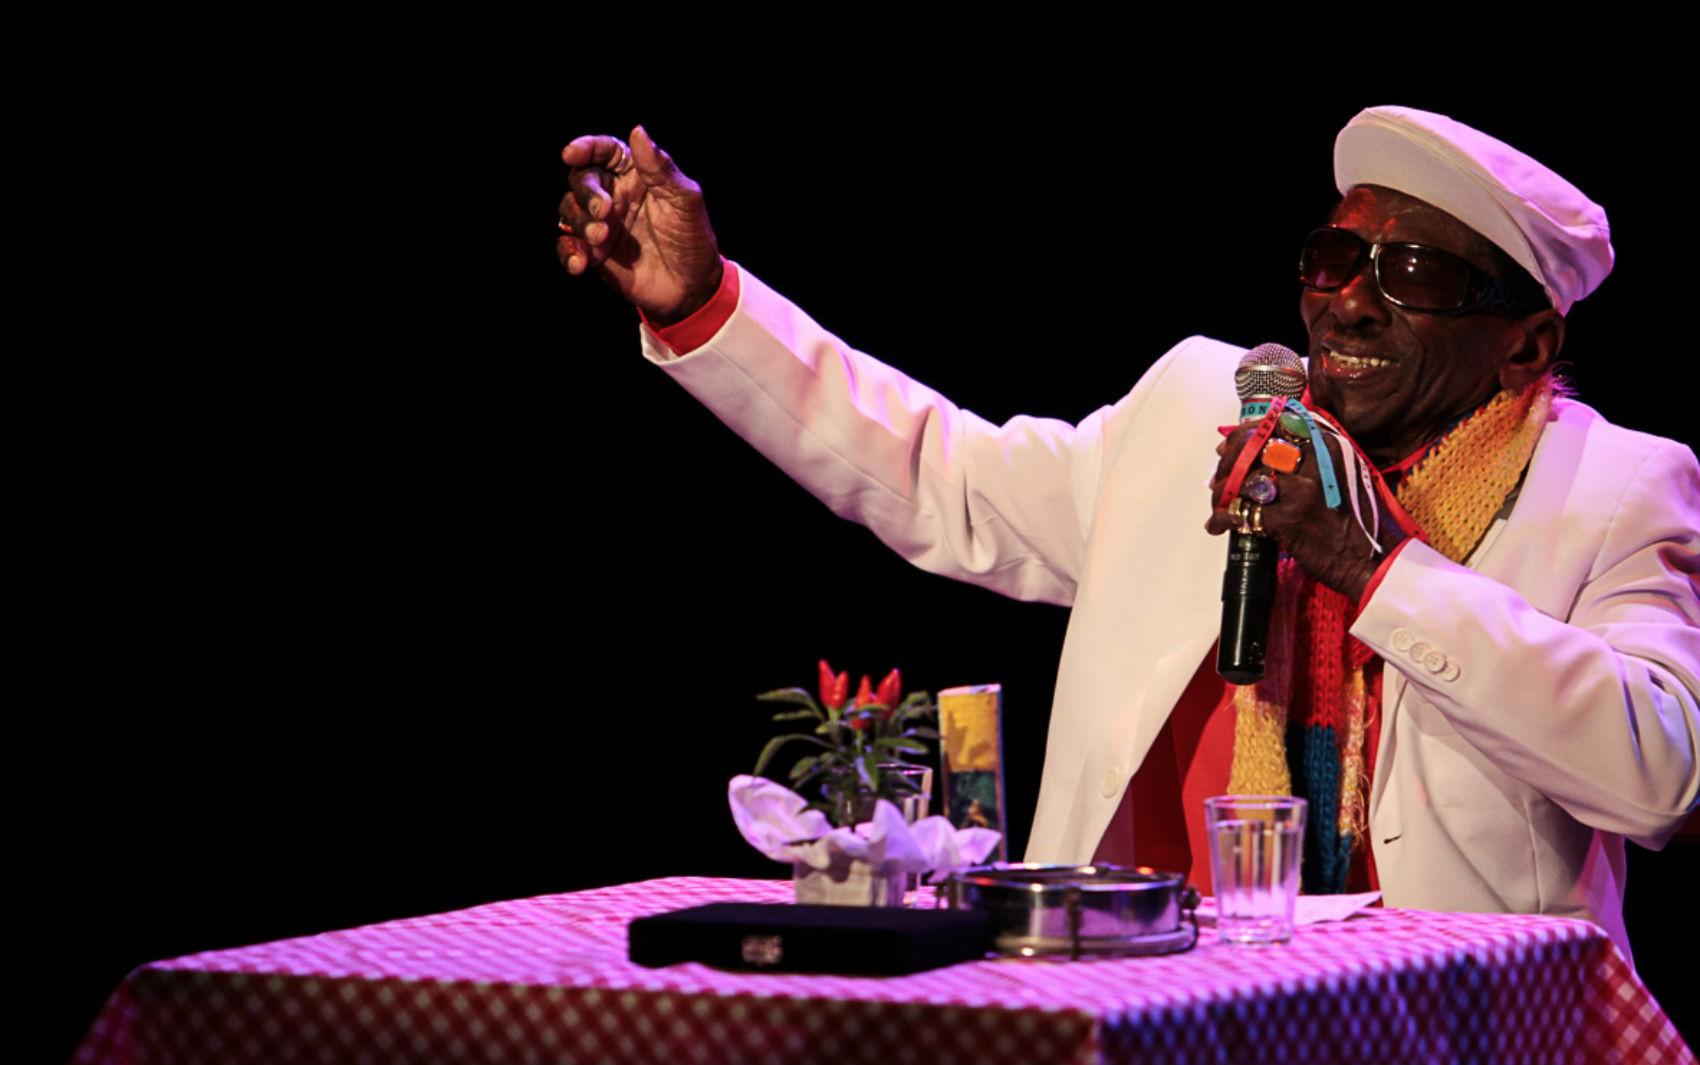 Riachão faz shows na Caixa Cultural em comemoração a aniversário e ao Dia do Samba